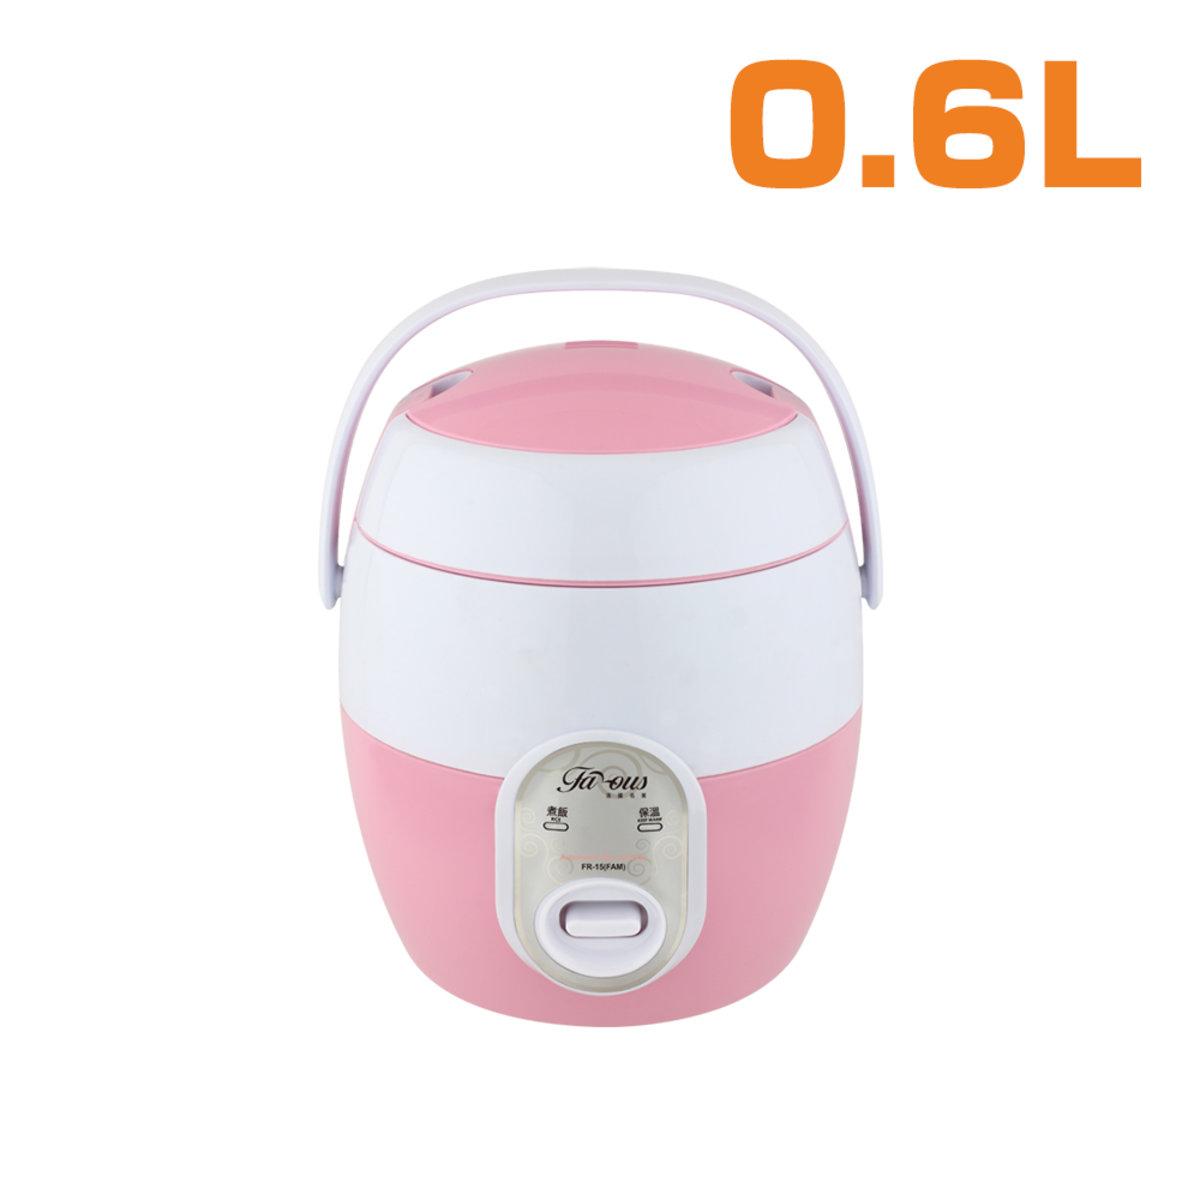 Mini rice cooker - FR-15(FAM)